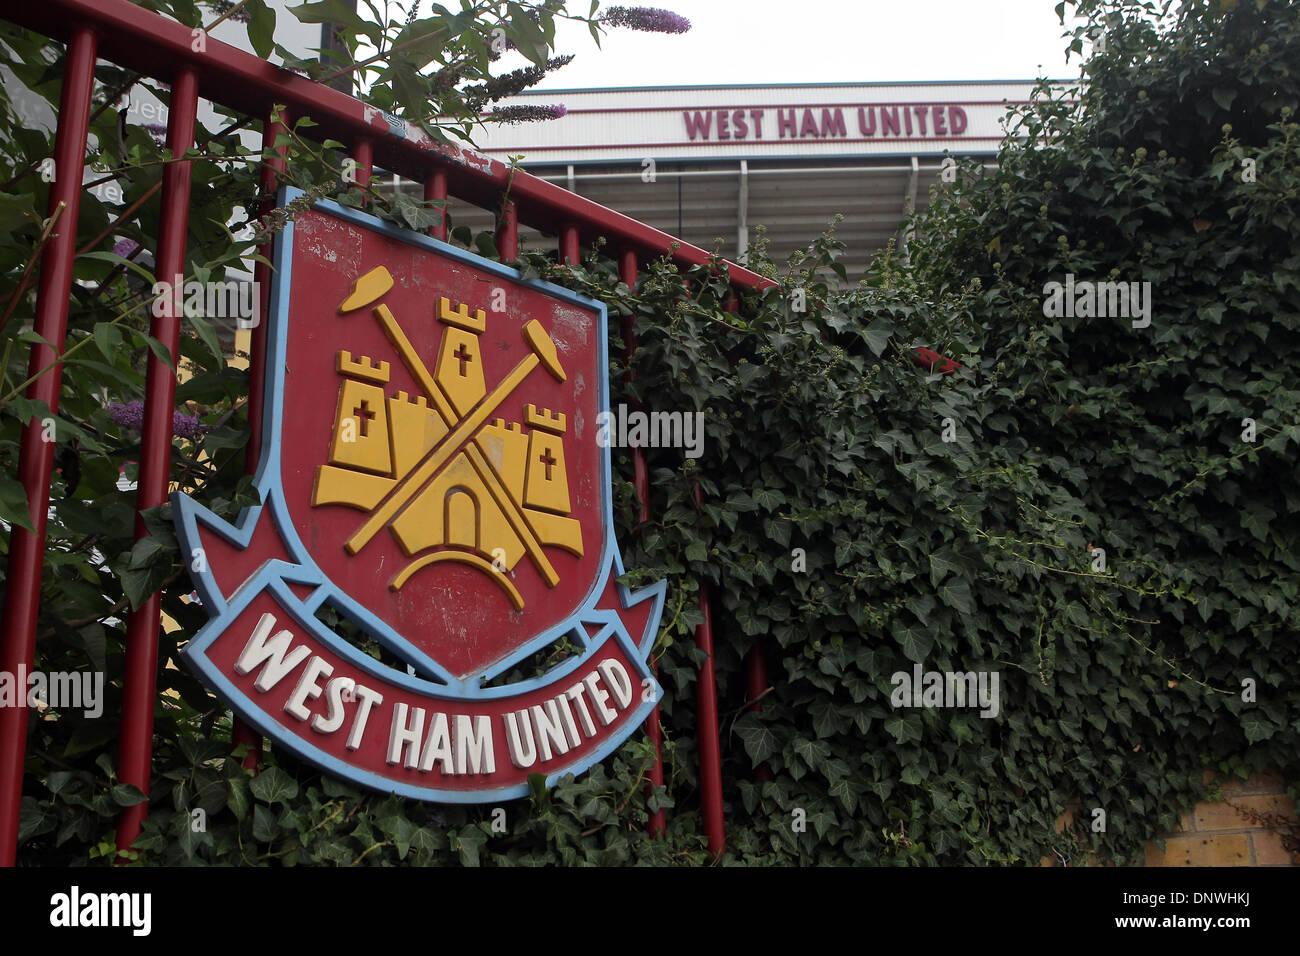 West Ham United Football Club badge outside the Boleyn Ground, Upton Park, London - Stock Image